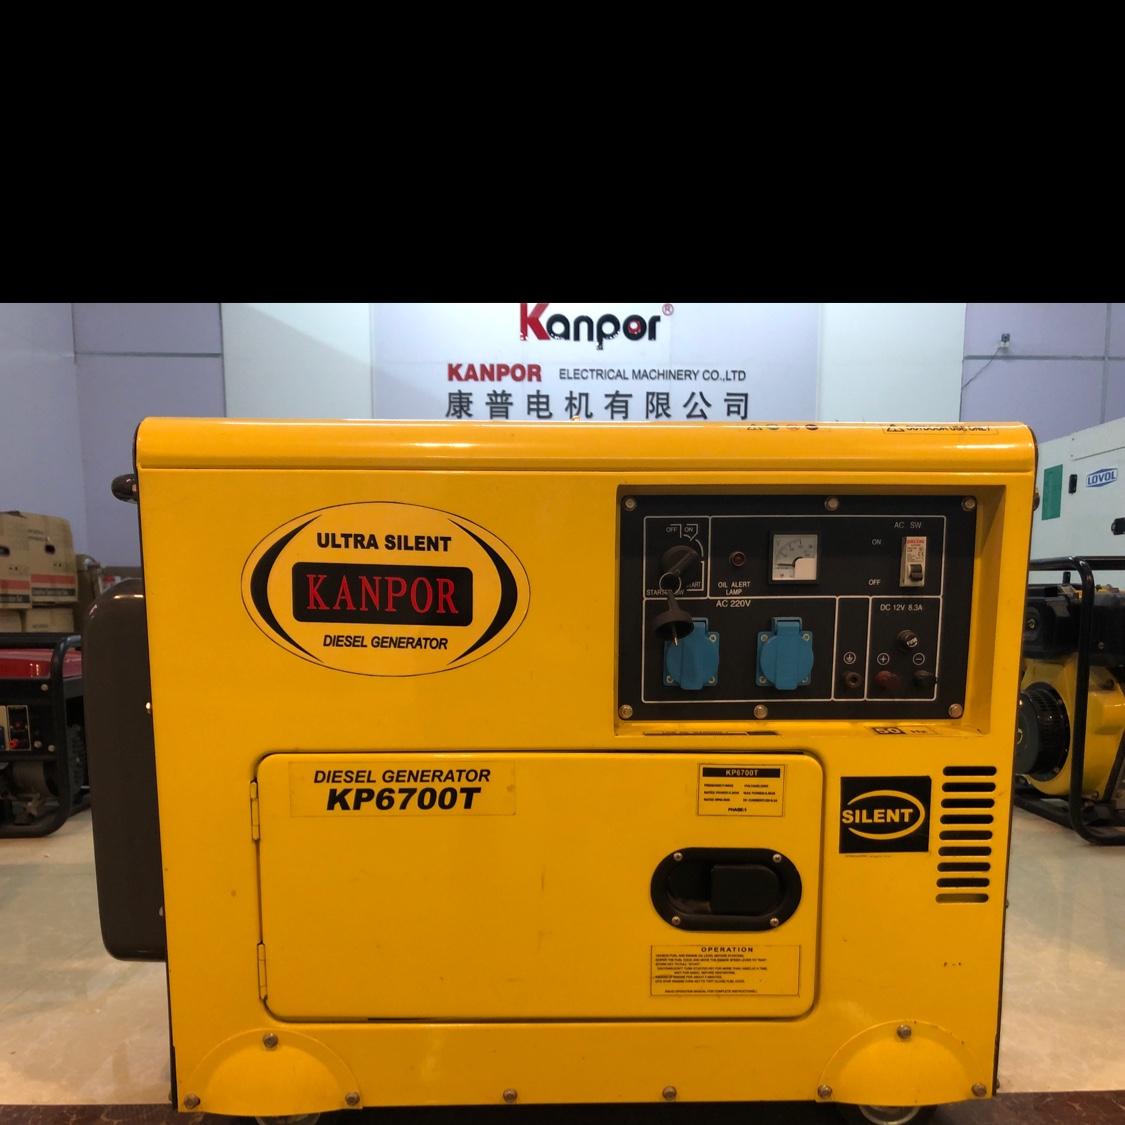 康普电机有限公司柴油静音发电机KP6700T